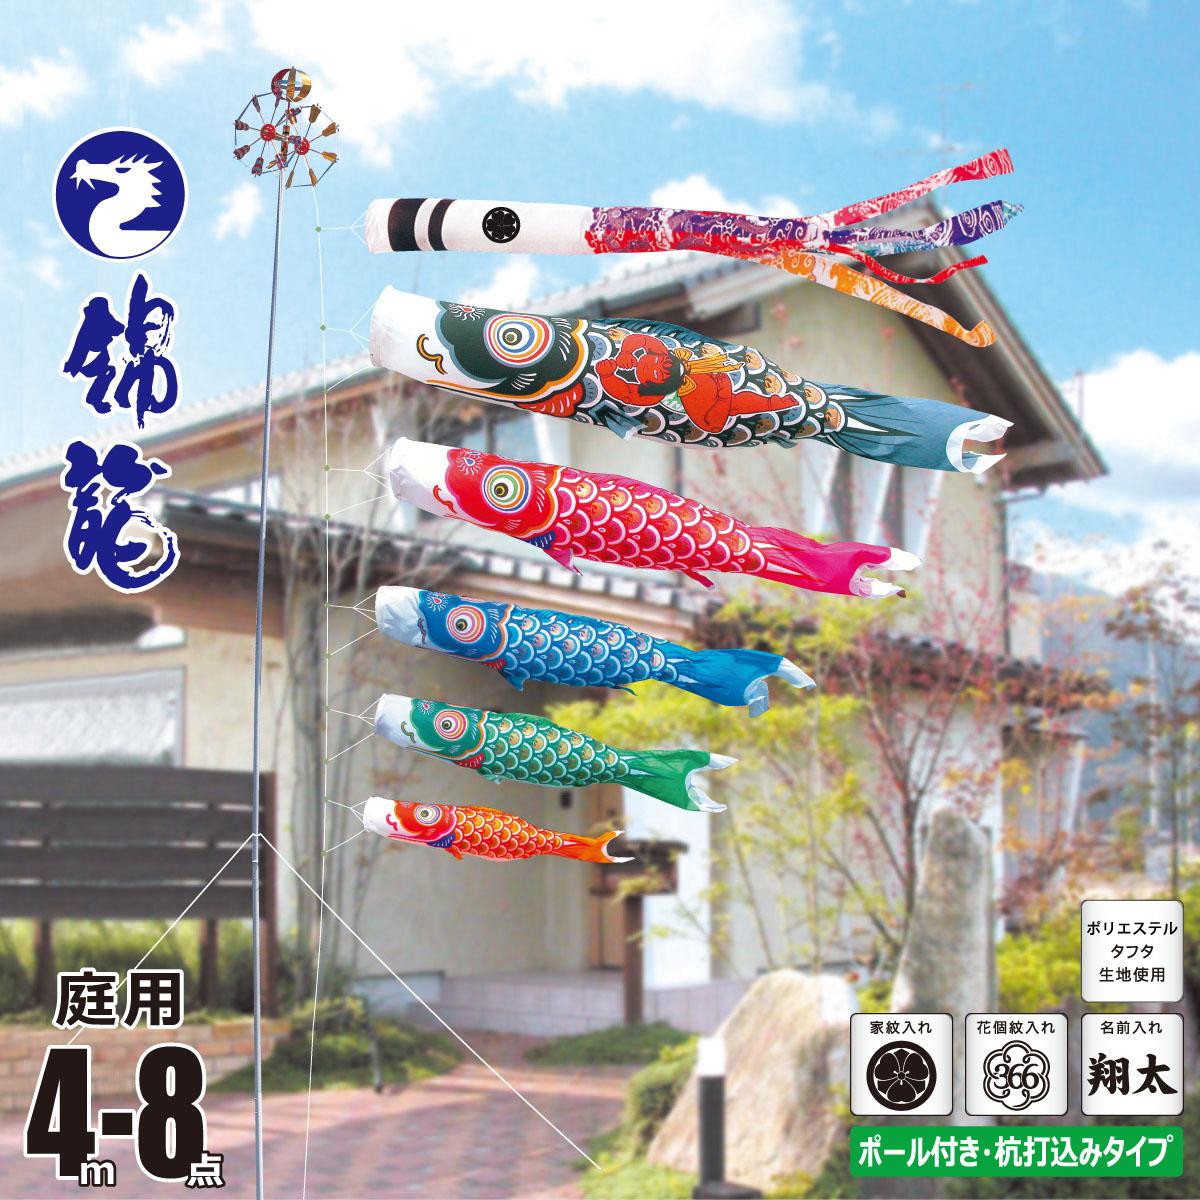 こいのぼり 4m 錦龍 8点 (矢車、ロープ、吹流し、鯉5匹) 庭園用 ガーデンセット (専用ポール一式) 徳永鯉のぼり KIT-112-352